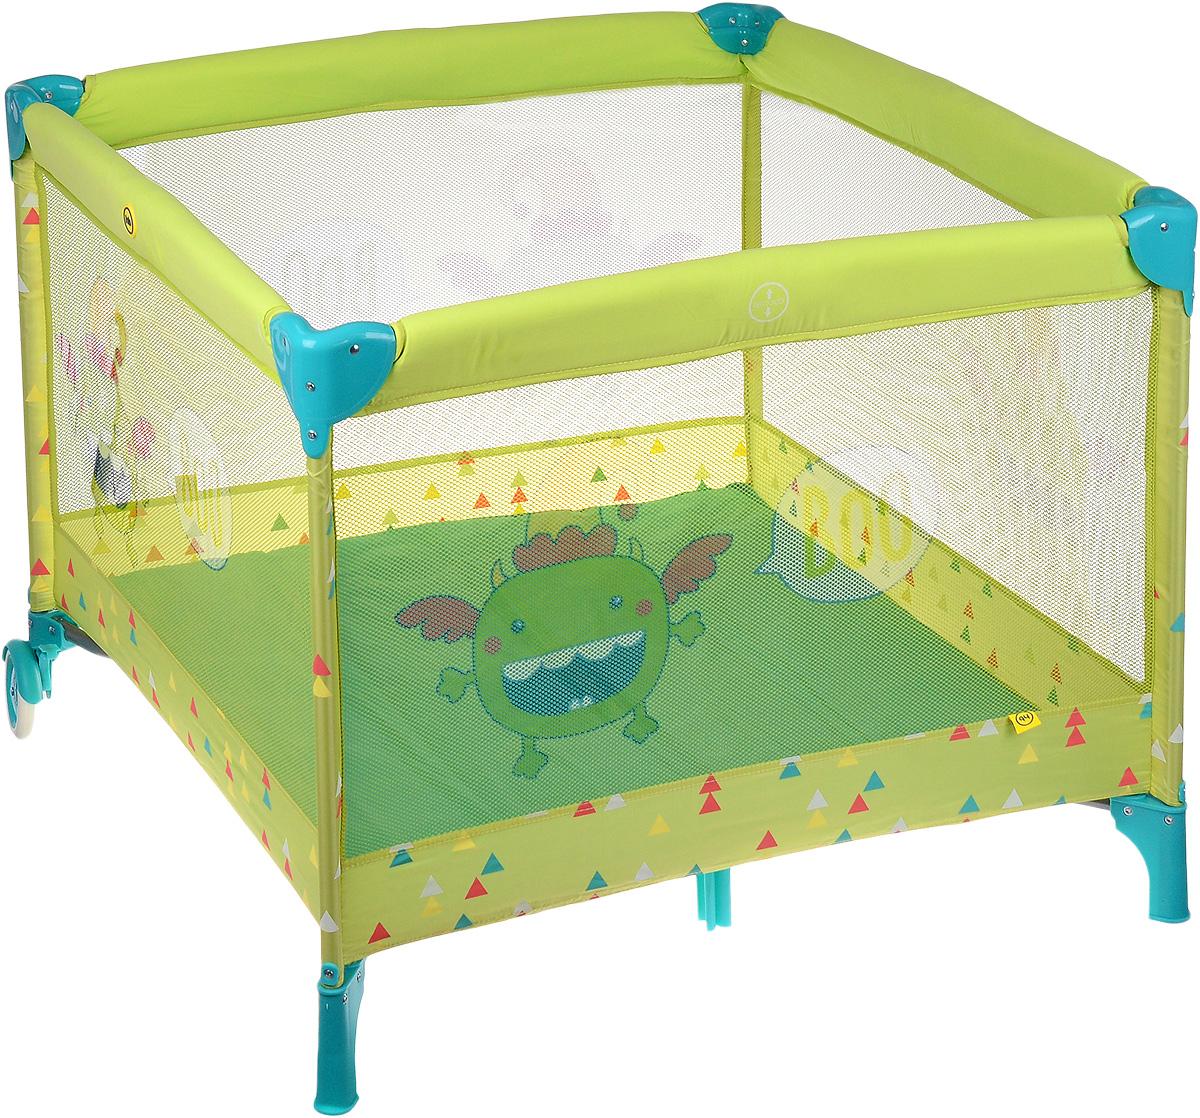 Happy Baby Манеж Alex цвет зеленый4650069782360Безопасный и просторный манеж Happy Baby Alex позволит малышам играть, ползать, вставать и учиться ходить с комфортом и удовольствием. Уникальный, яркий дизайн манежа разработан с учётом восприятия цветов и рисунков маленькими детьми. Манеж позволит мамам не волноваться за ребёнка и заняться неотложными домашними делами. Боковые стенки манежа изготовлены из просвечивающегося материала. Это очень важно как для мамы, так и для крохи. Малыш всегда будет видеть свою маму, а мама, в свою очередь, будет видеть, чем занимается её ребёнок. Благодаря двум колёсам его удобно перемещать по квартире. Манеж Happy Baby Alex легко складывается в компактную, удобную для переноски сумку. Практичная, моющаяся конструкция и ткань позволит маме легко справиться с его уборкой. Манеж можно использовать на свежем воздухе. Москитная сетка в комплекте защитит малыша от насекомых и сделает его пребывание в манеже комфортным и безопасным. Размер спального места: 83 см х...